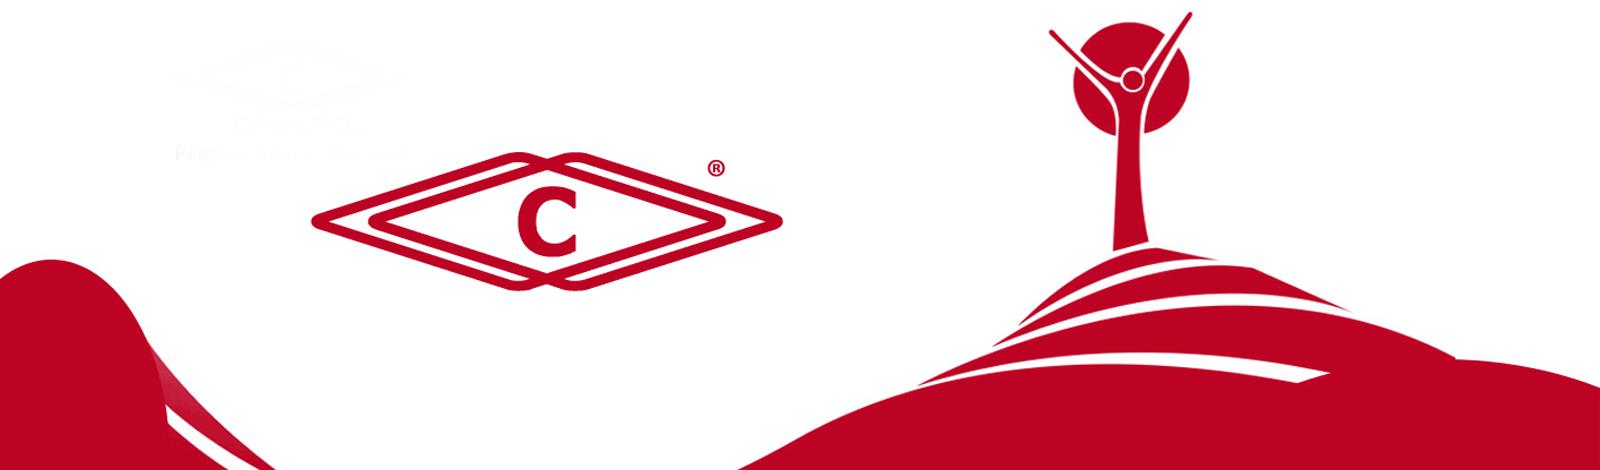 slide logo e croce